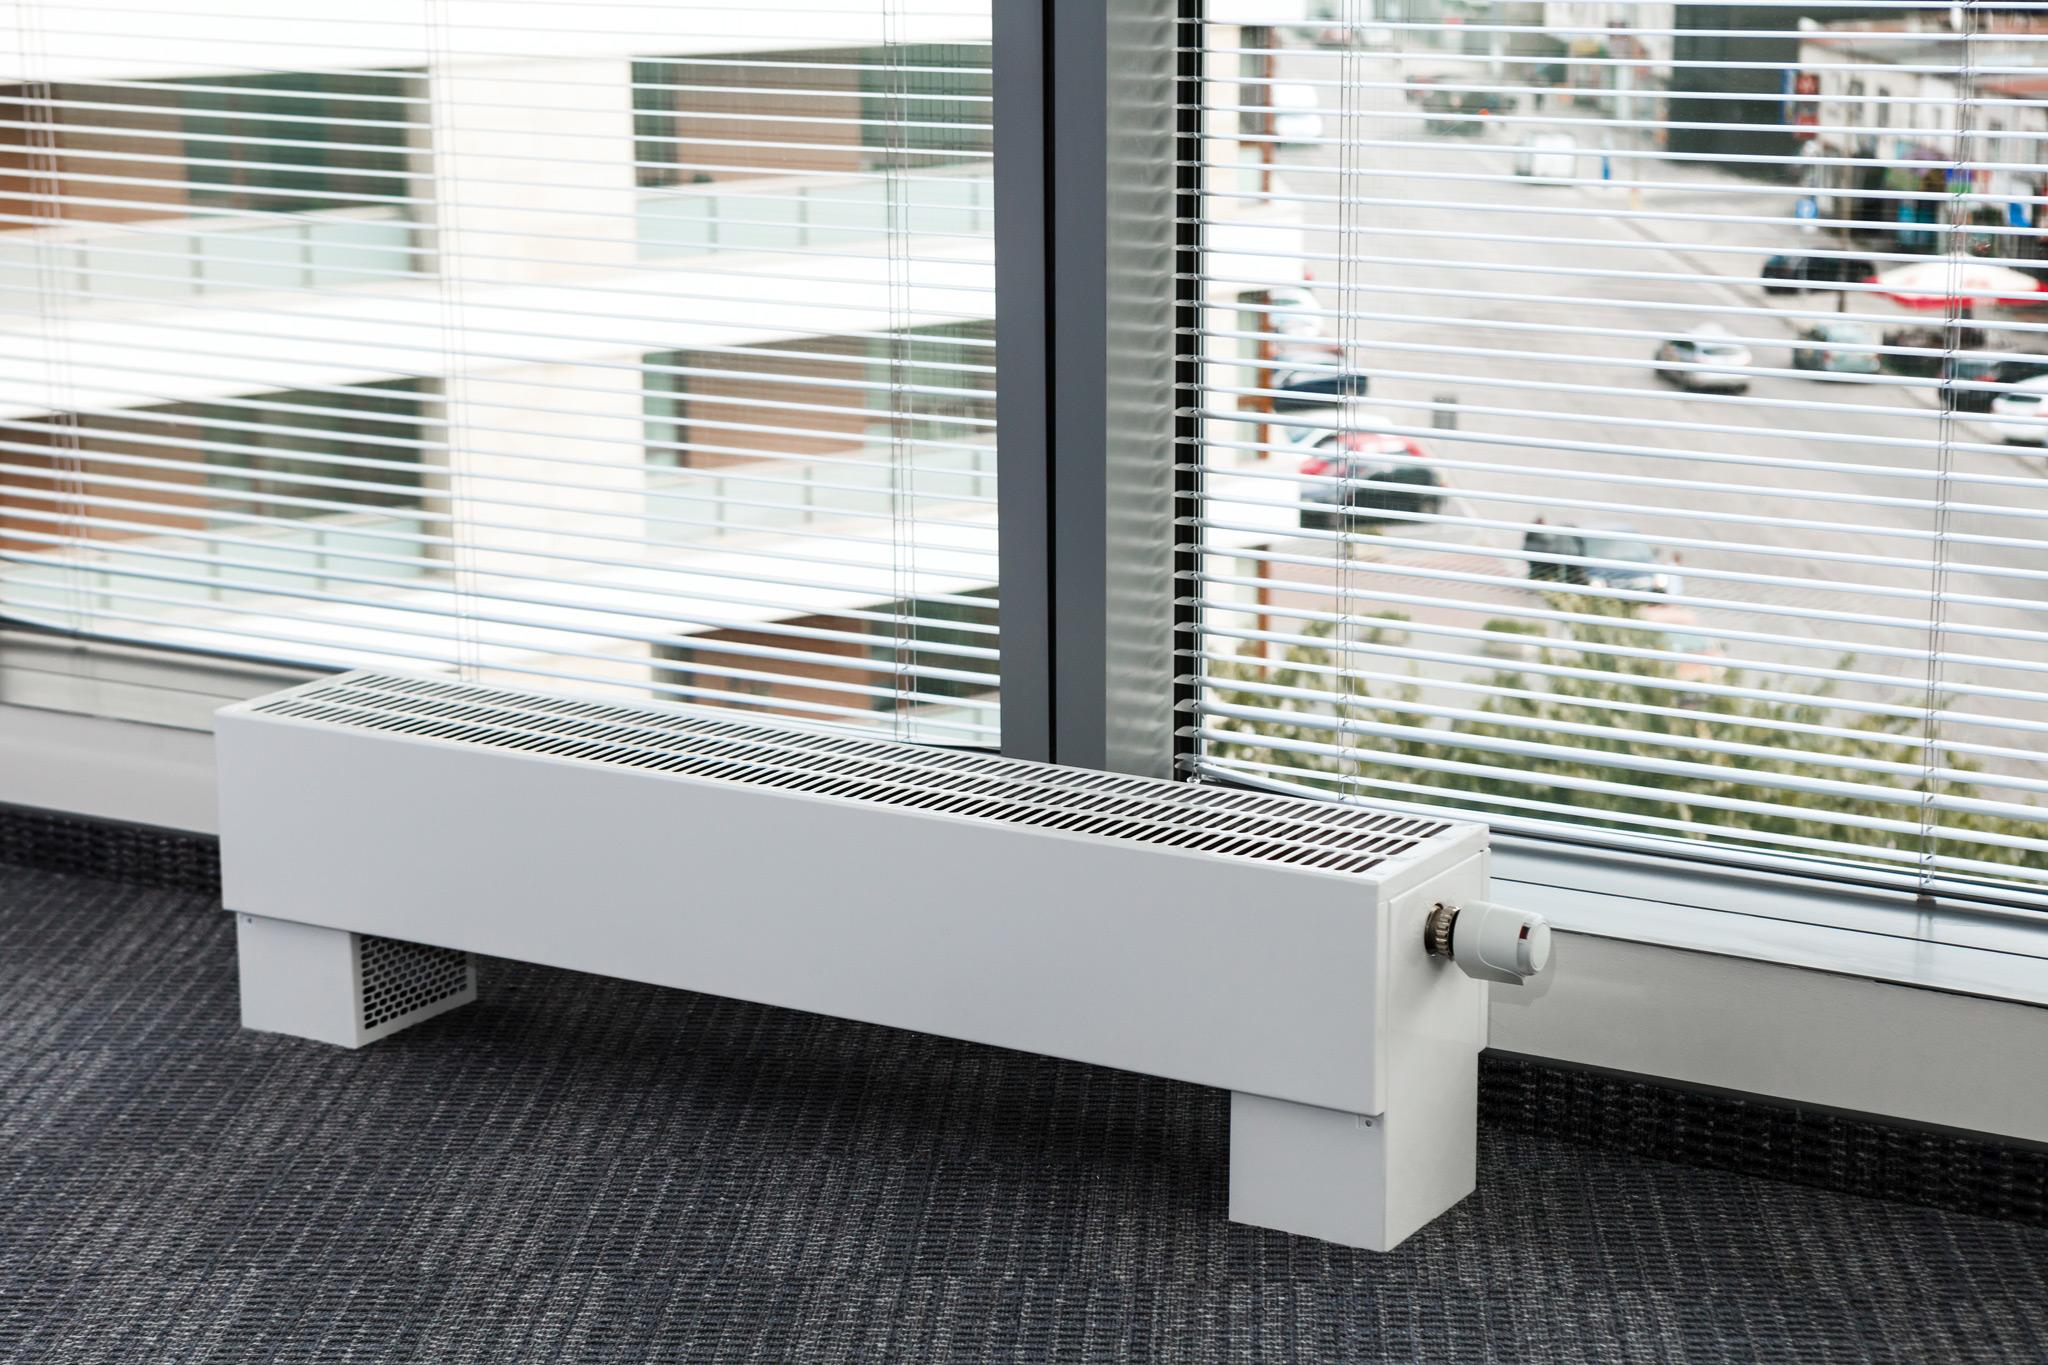 Радиаторы встраиваемые в пол: конструкция